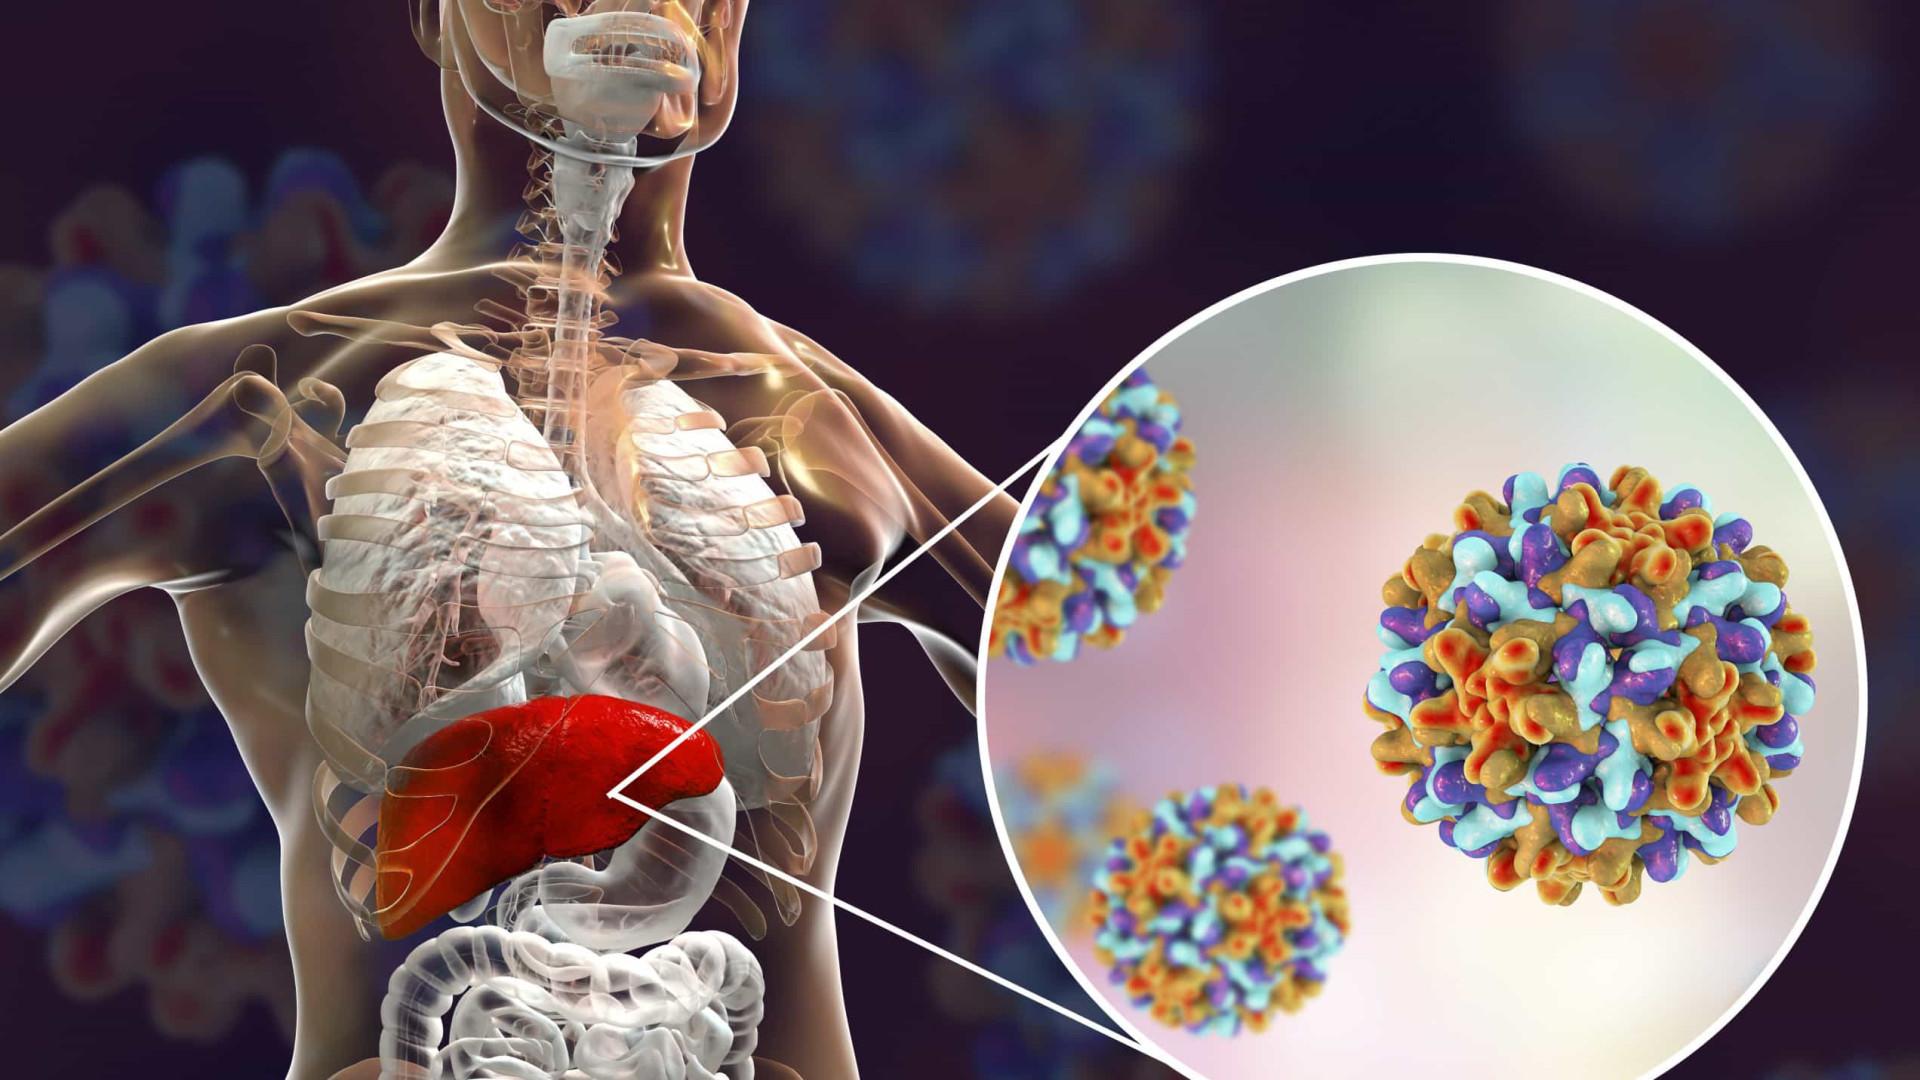 Diagnóstico precoce é essencial para o tratamento eficaz das hepatites